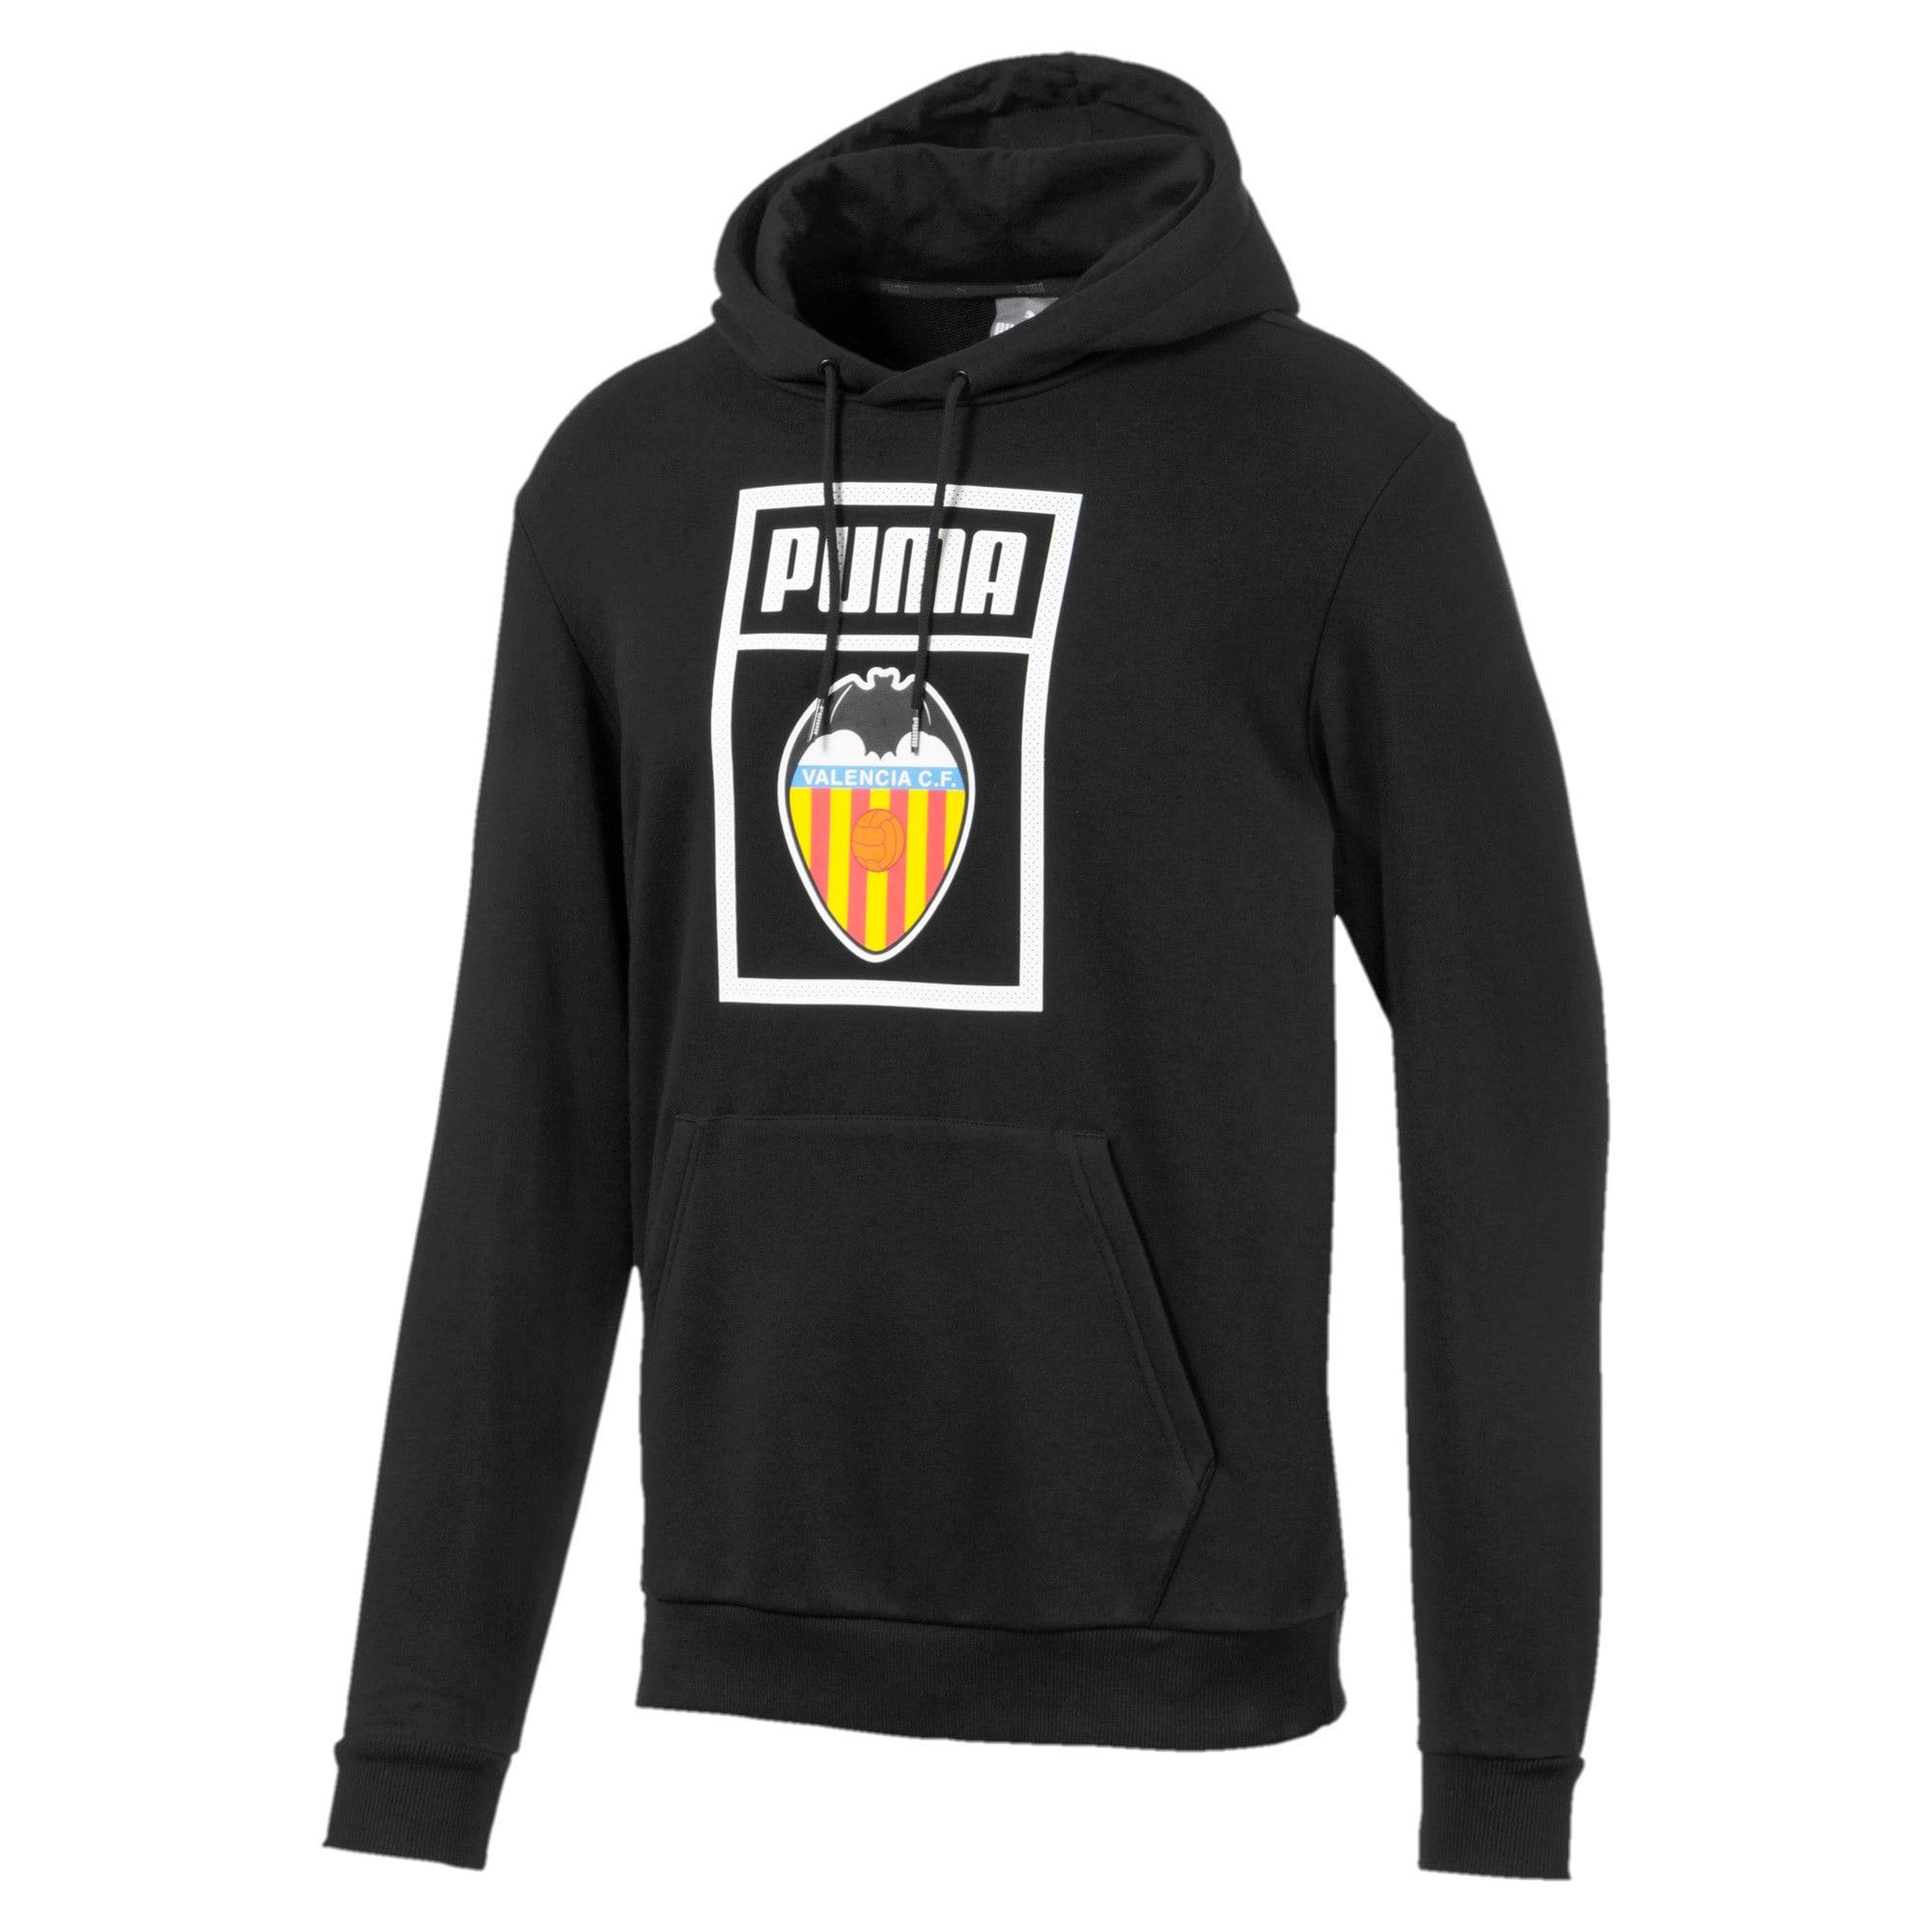 Thumbnail 1 of Valencia CF Shoe Tag Men's Hoodie, Puma Black, medium